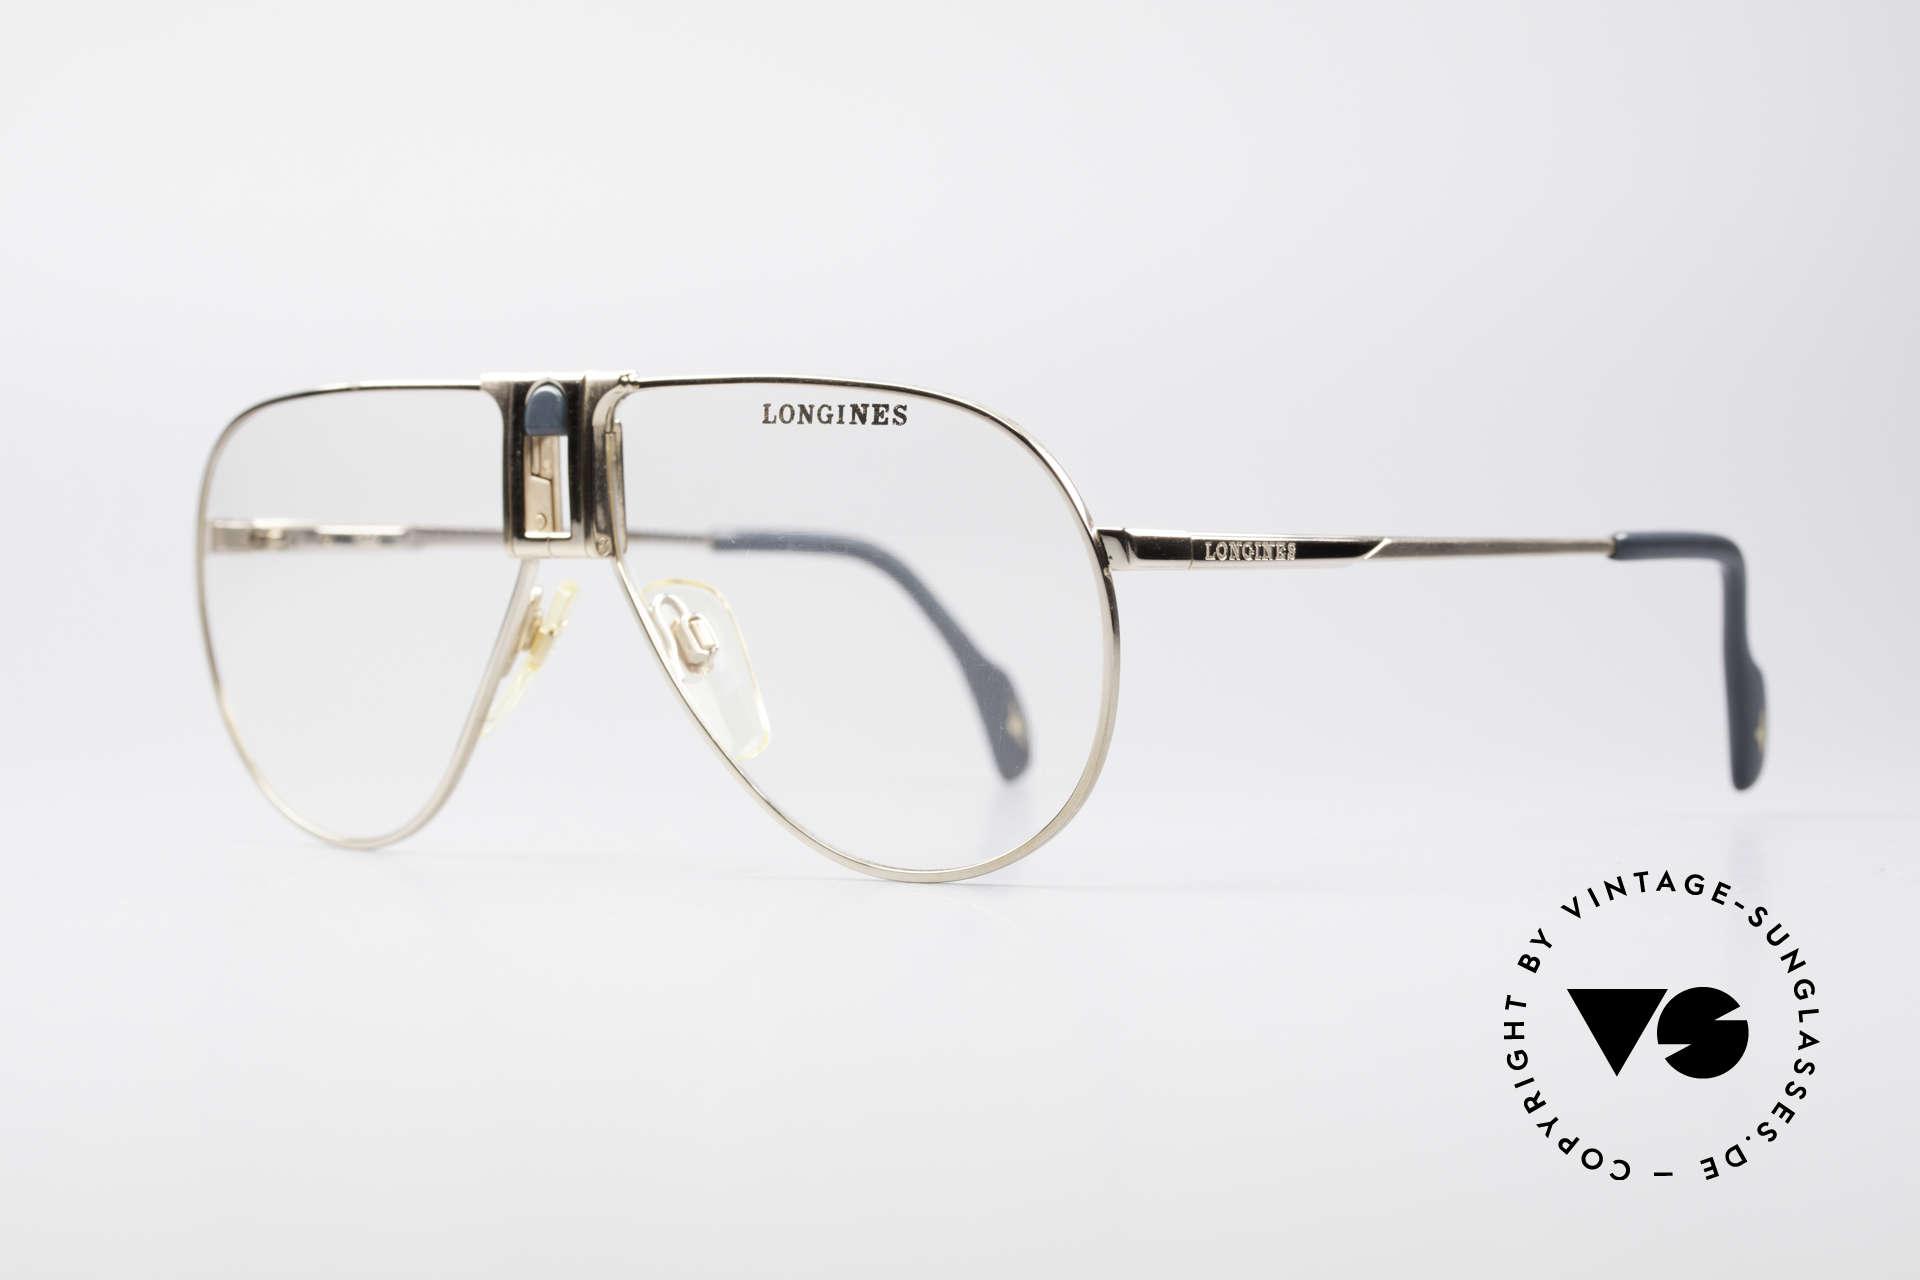 Longines 0154 Echte 80er Aviator Brille, vintage Luxusbrille for Gentlemen; purer Lifestyle!, Passend für Herren